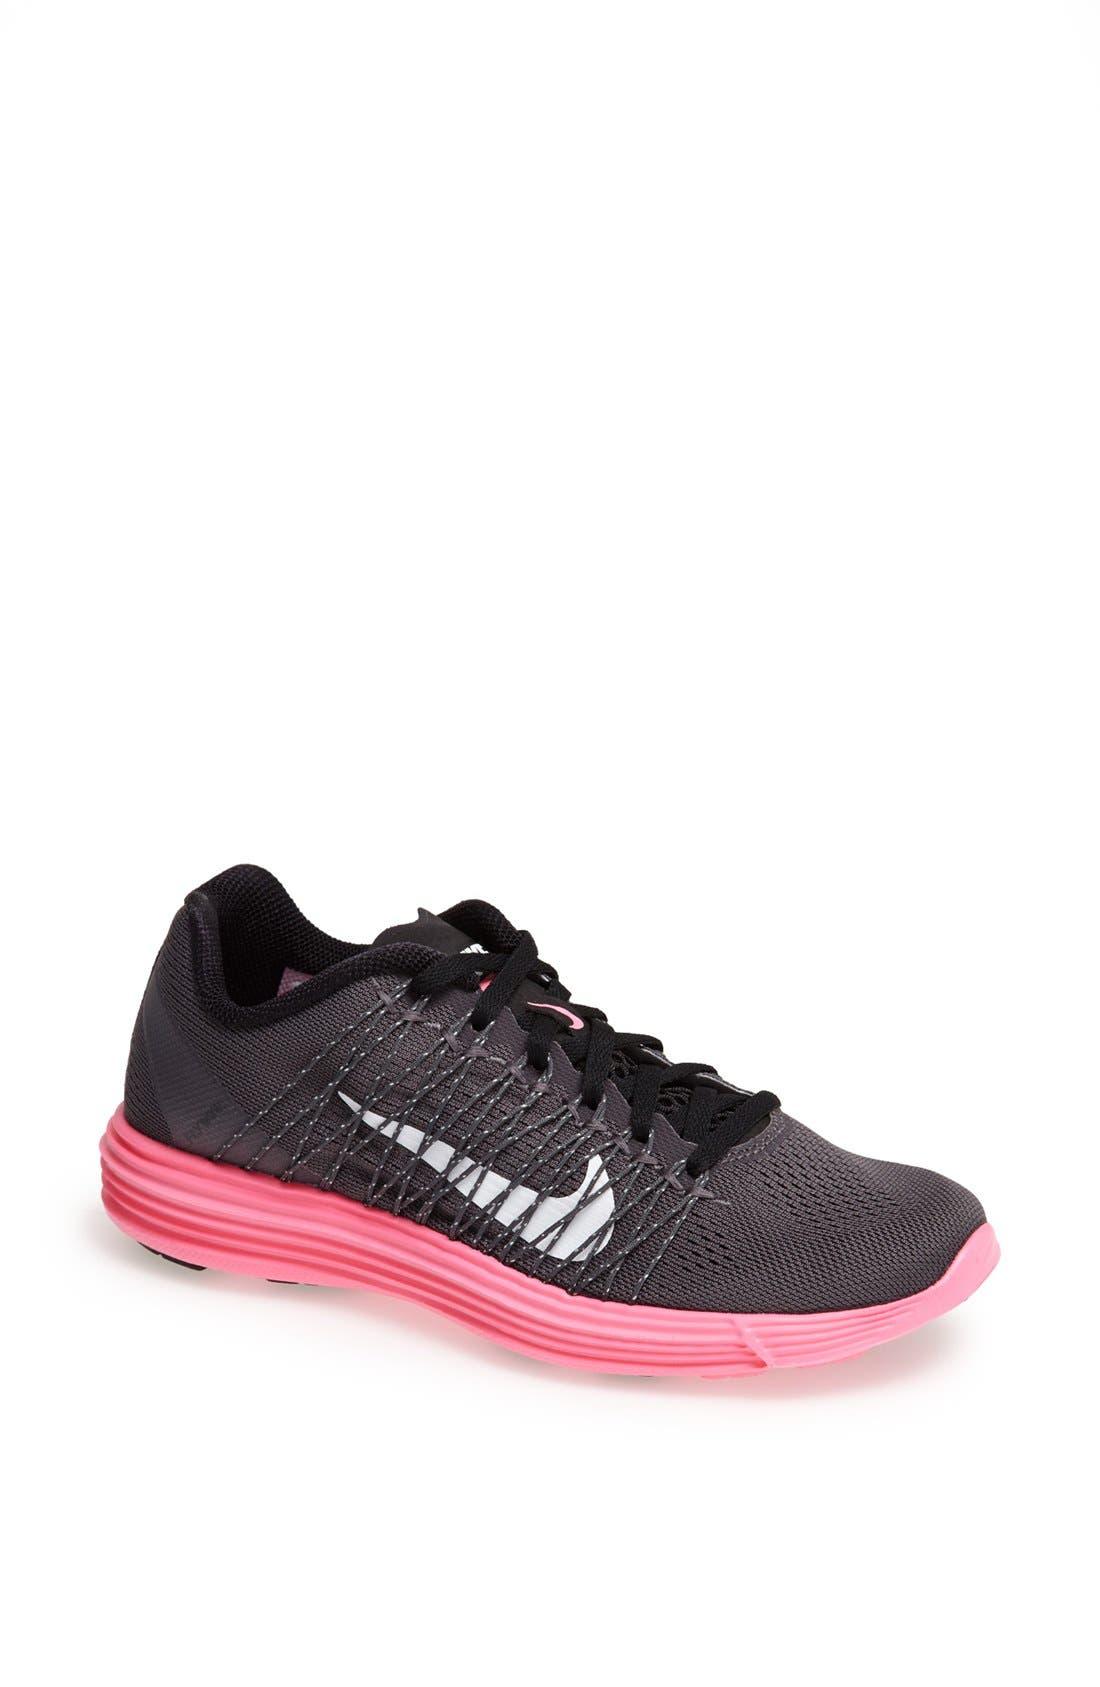 qualité escompte élevé réduction populaire Nike Lunaracer Des Femmes De Sites Commerciaux En Ligne sortie profiter 7LgSP0l